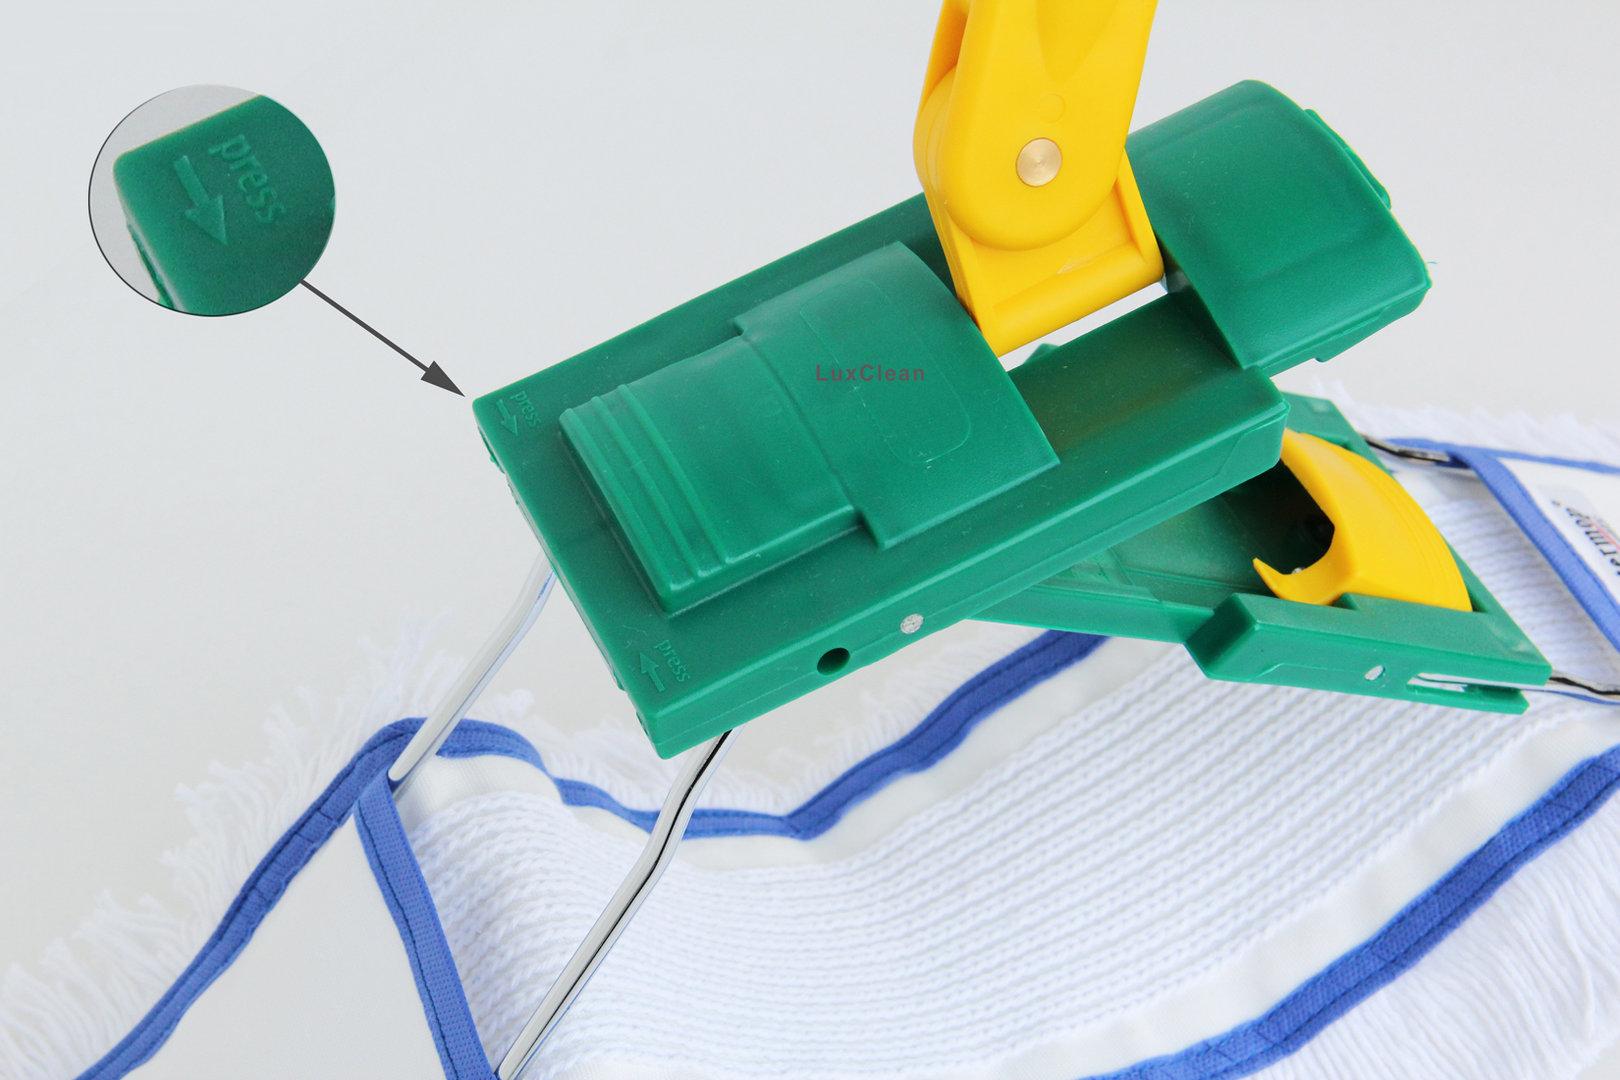 110cm click metall klapphalter xxl profi reinigungsbedarf wie bodenwischer. Black Bedroom Furniture Sets. Home Design Ideas